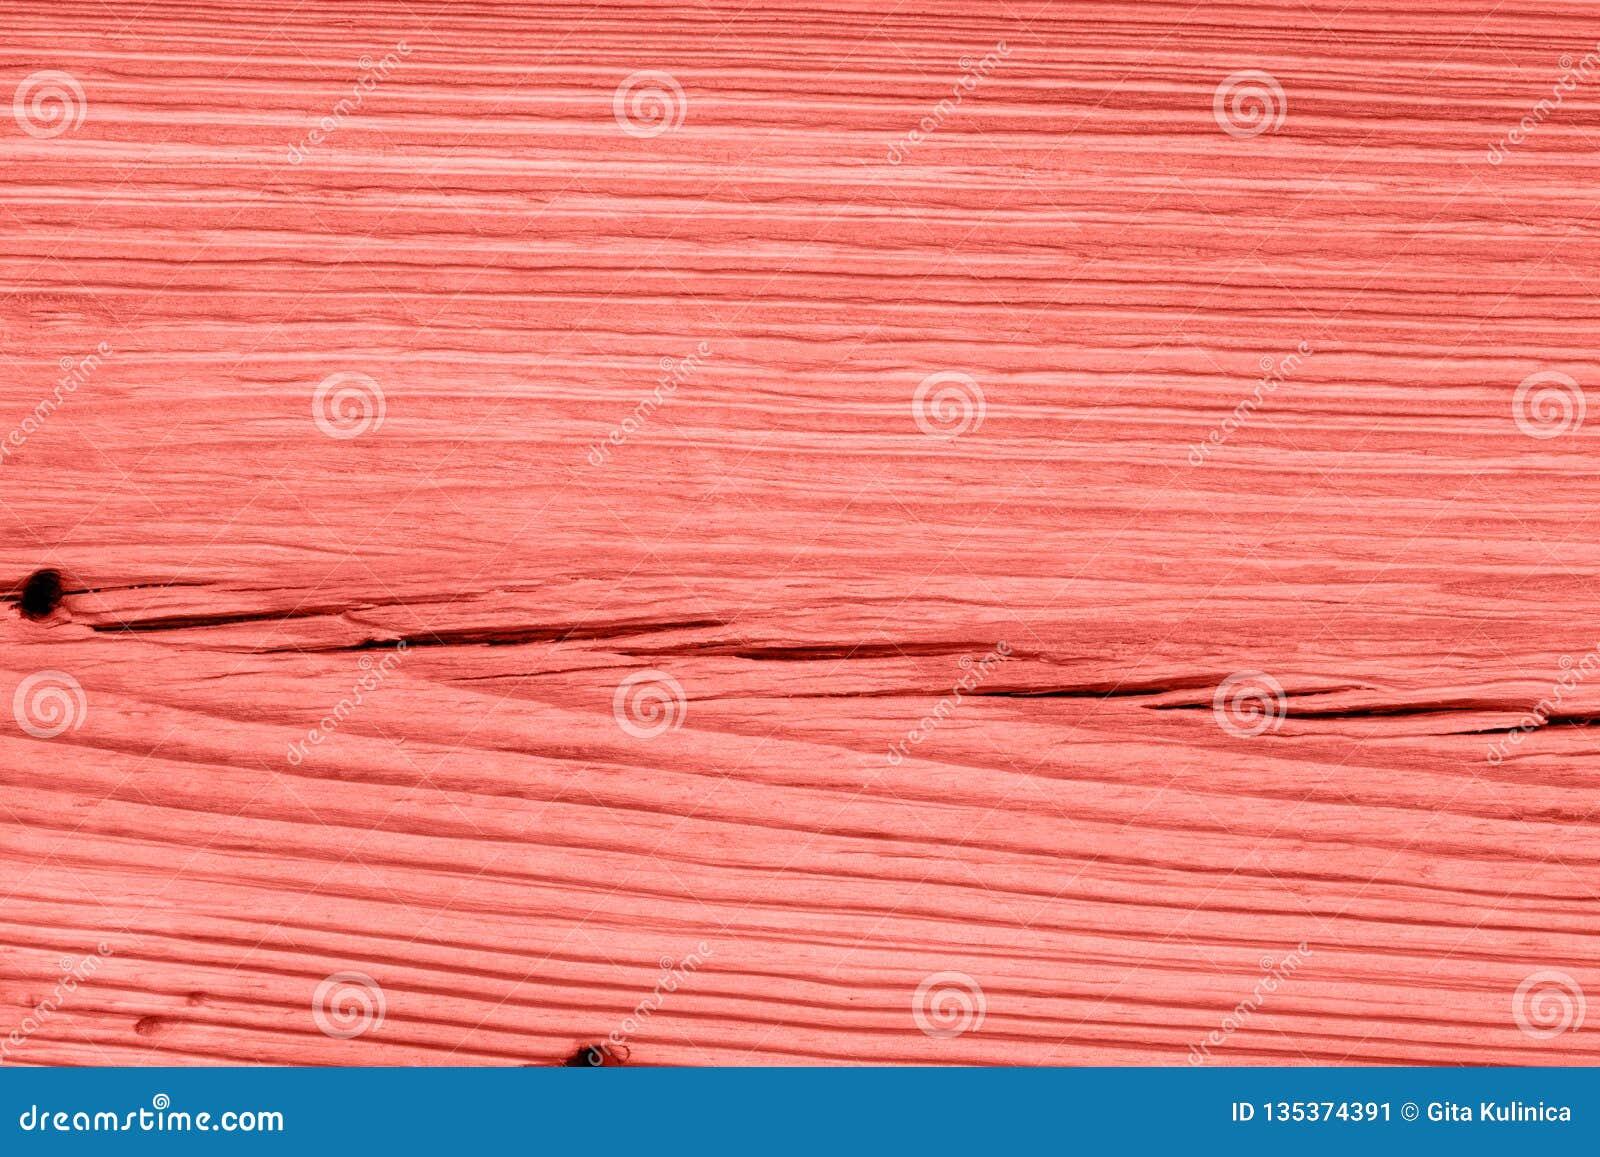 Εκλεκτής ποιότητας ξύλινη σύσταση κοραλλιών διαβίωσης αφηρημένη ανασκόπηση